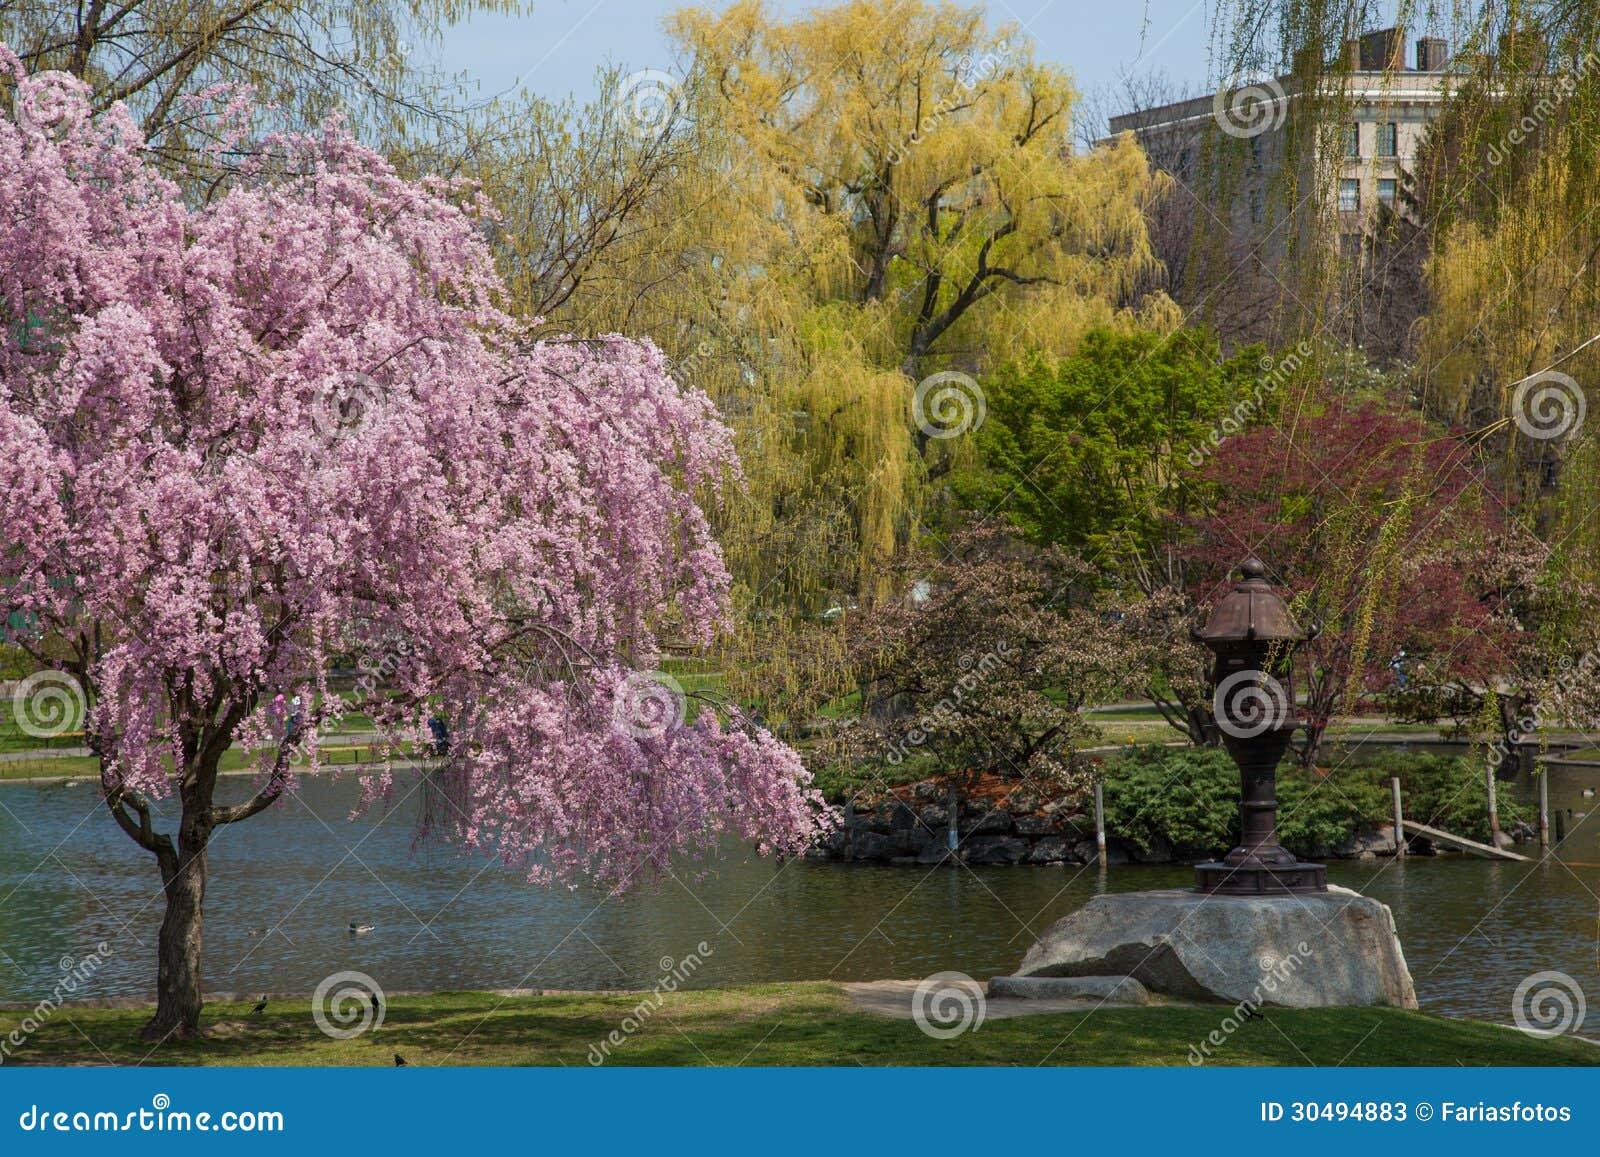 Blue Skies Of Texas >> Boston Spring Stock Photos - Image: 30494883